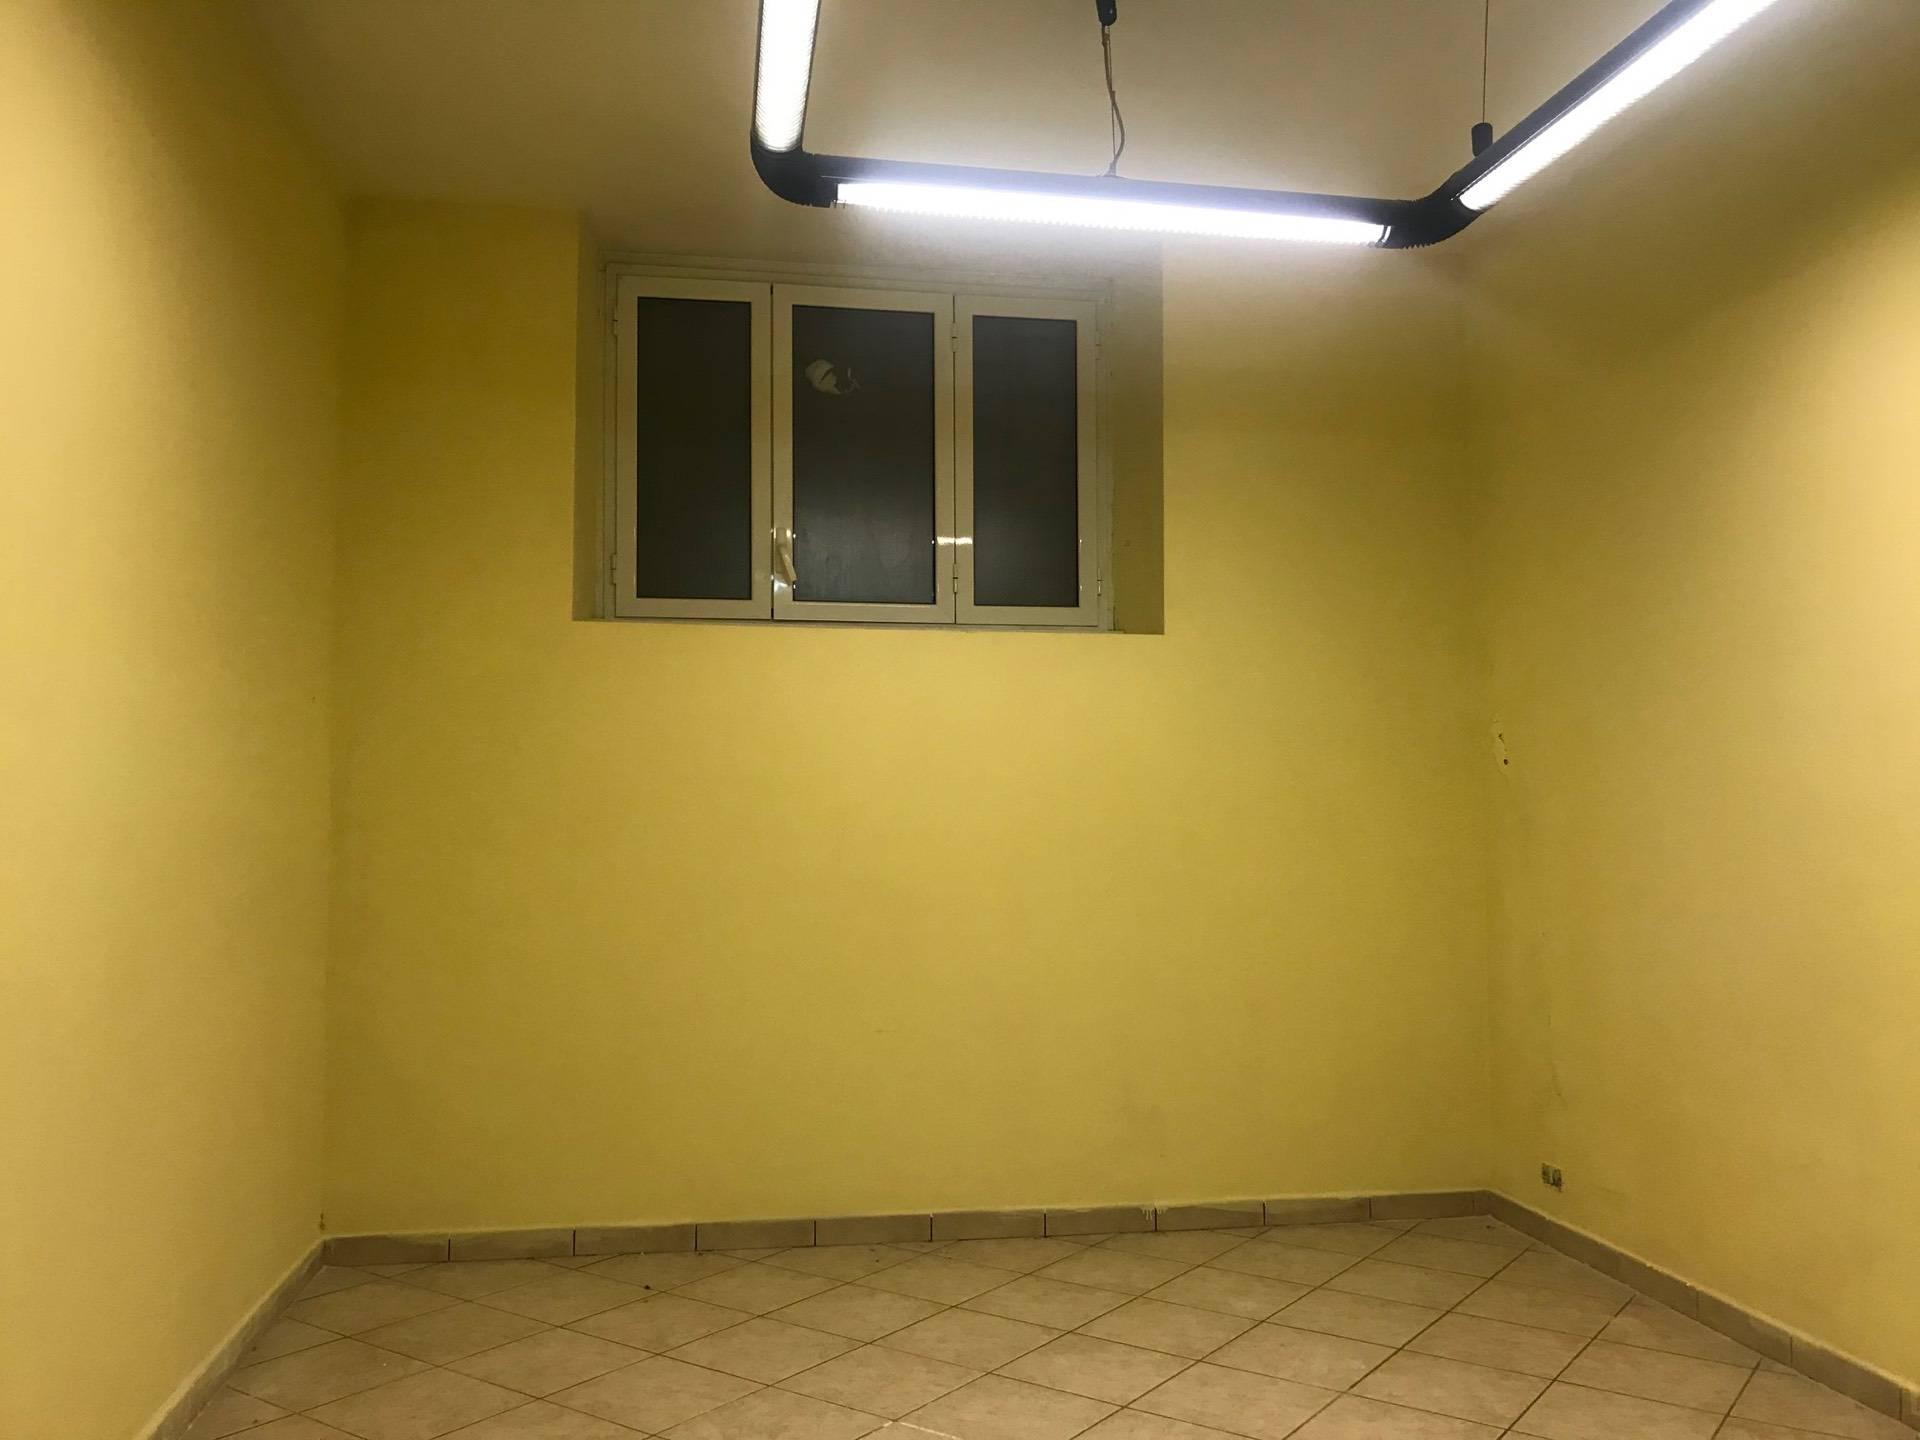 Appartamento in vendita a Roma, 3 locali, zona Località: Trieste/Salario, prezzo € 320.000 | CambioCasa.it